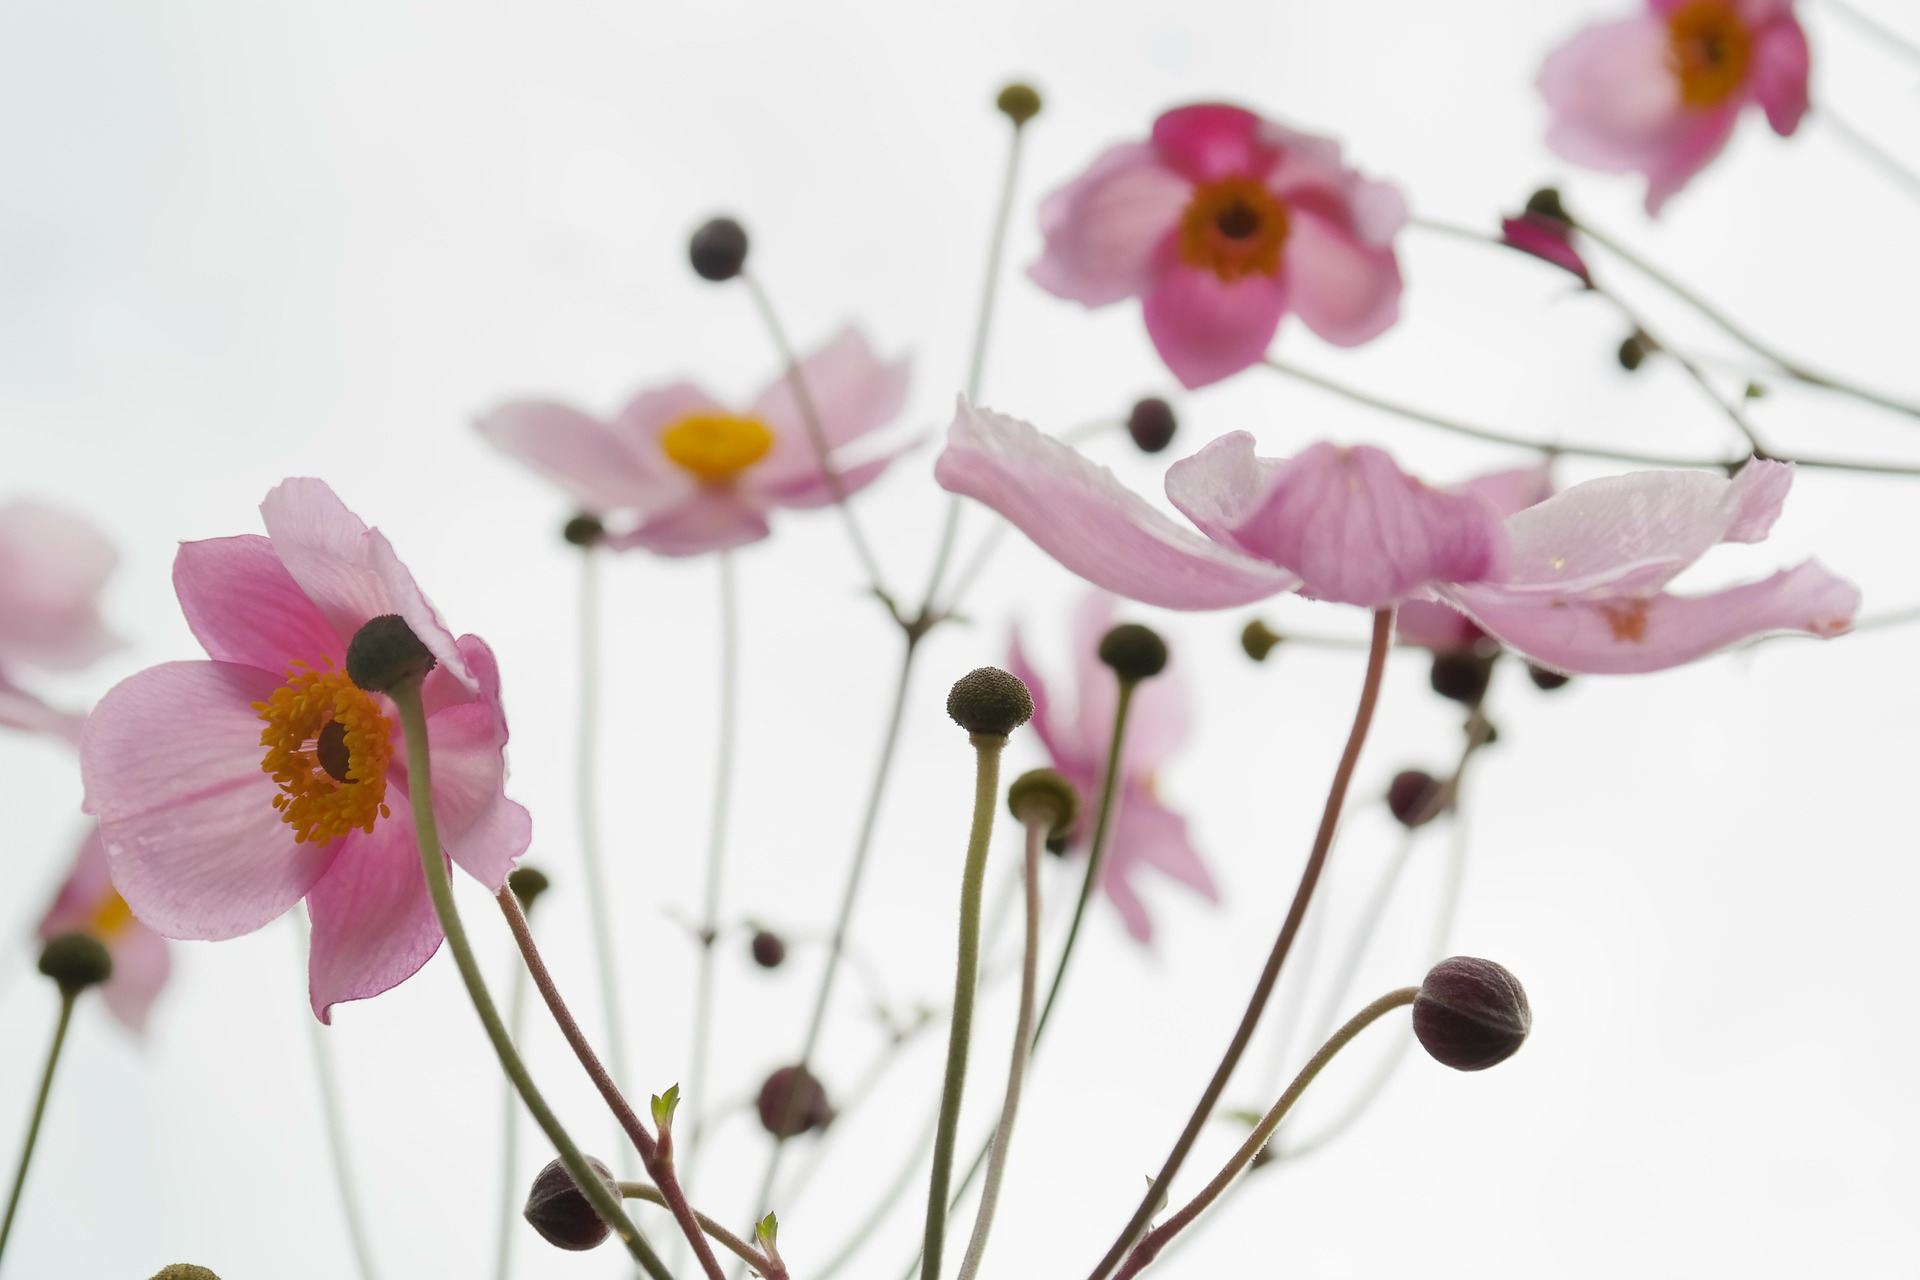 blossom-215565_1920 1jpg